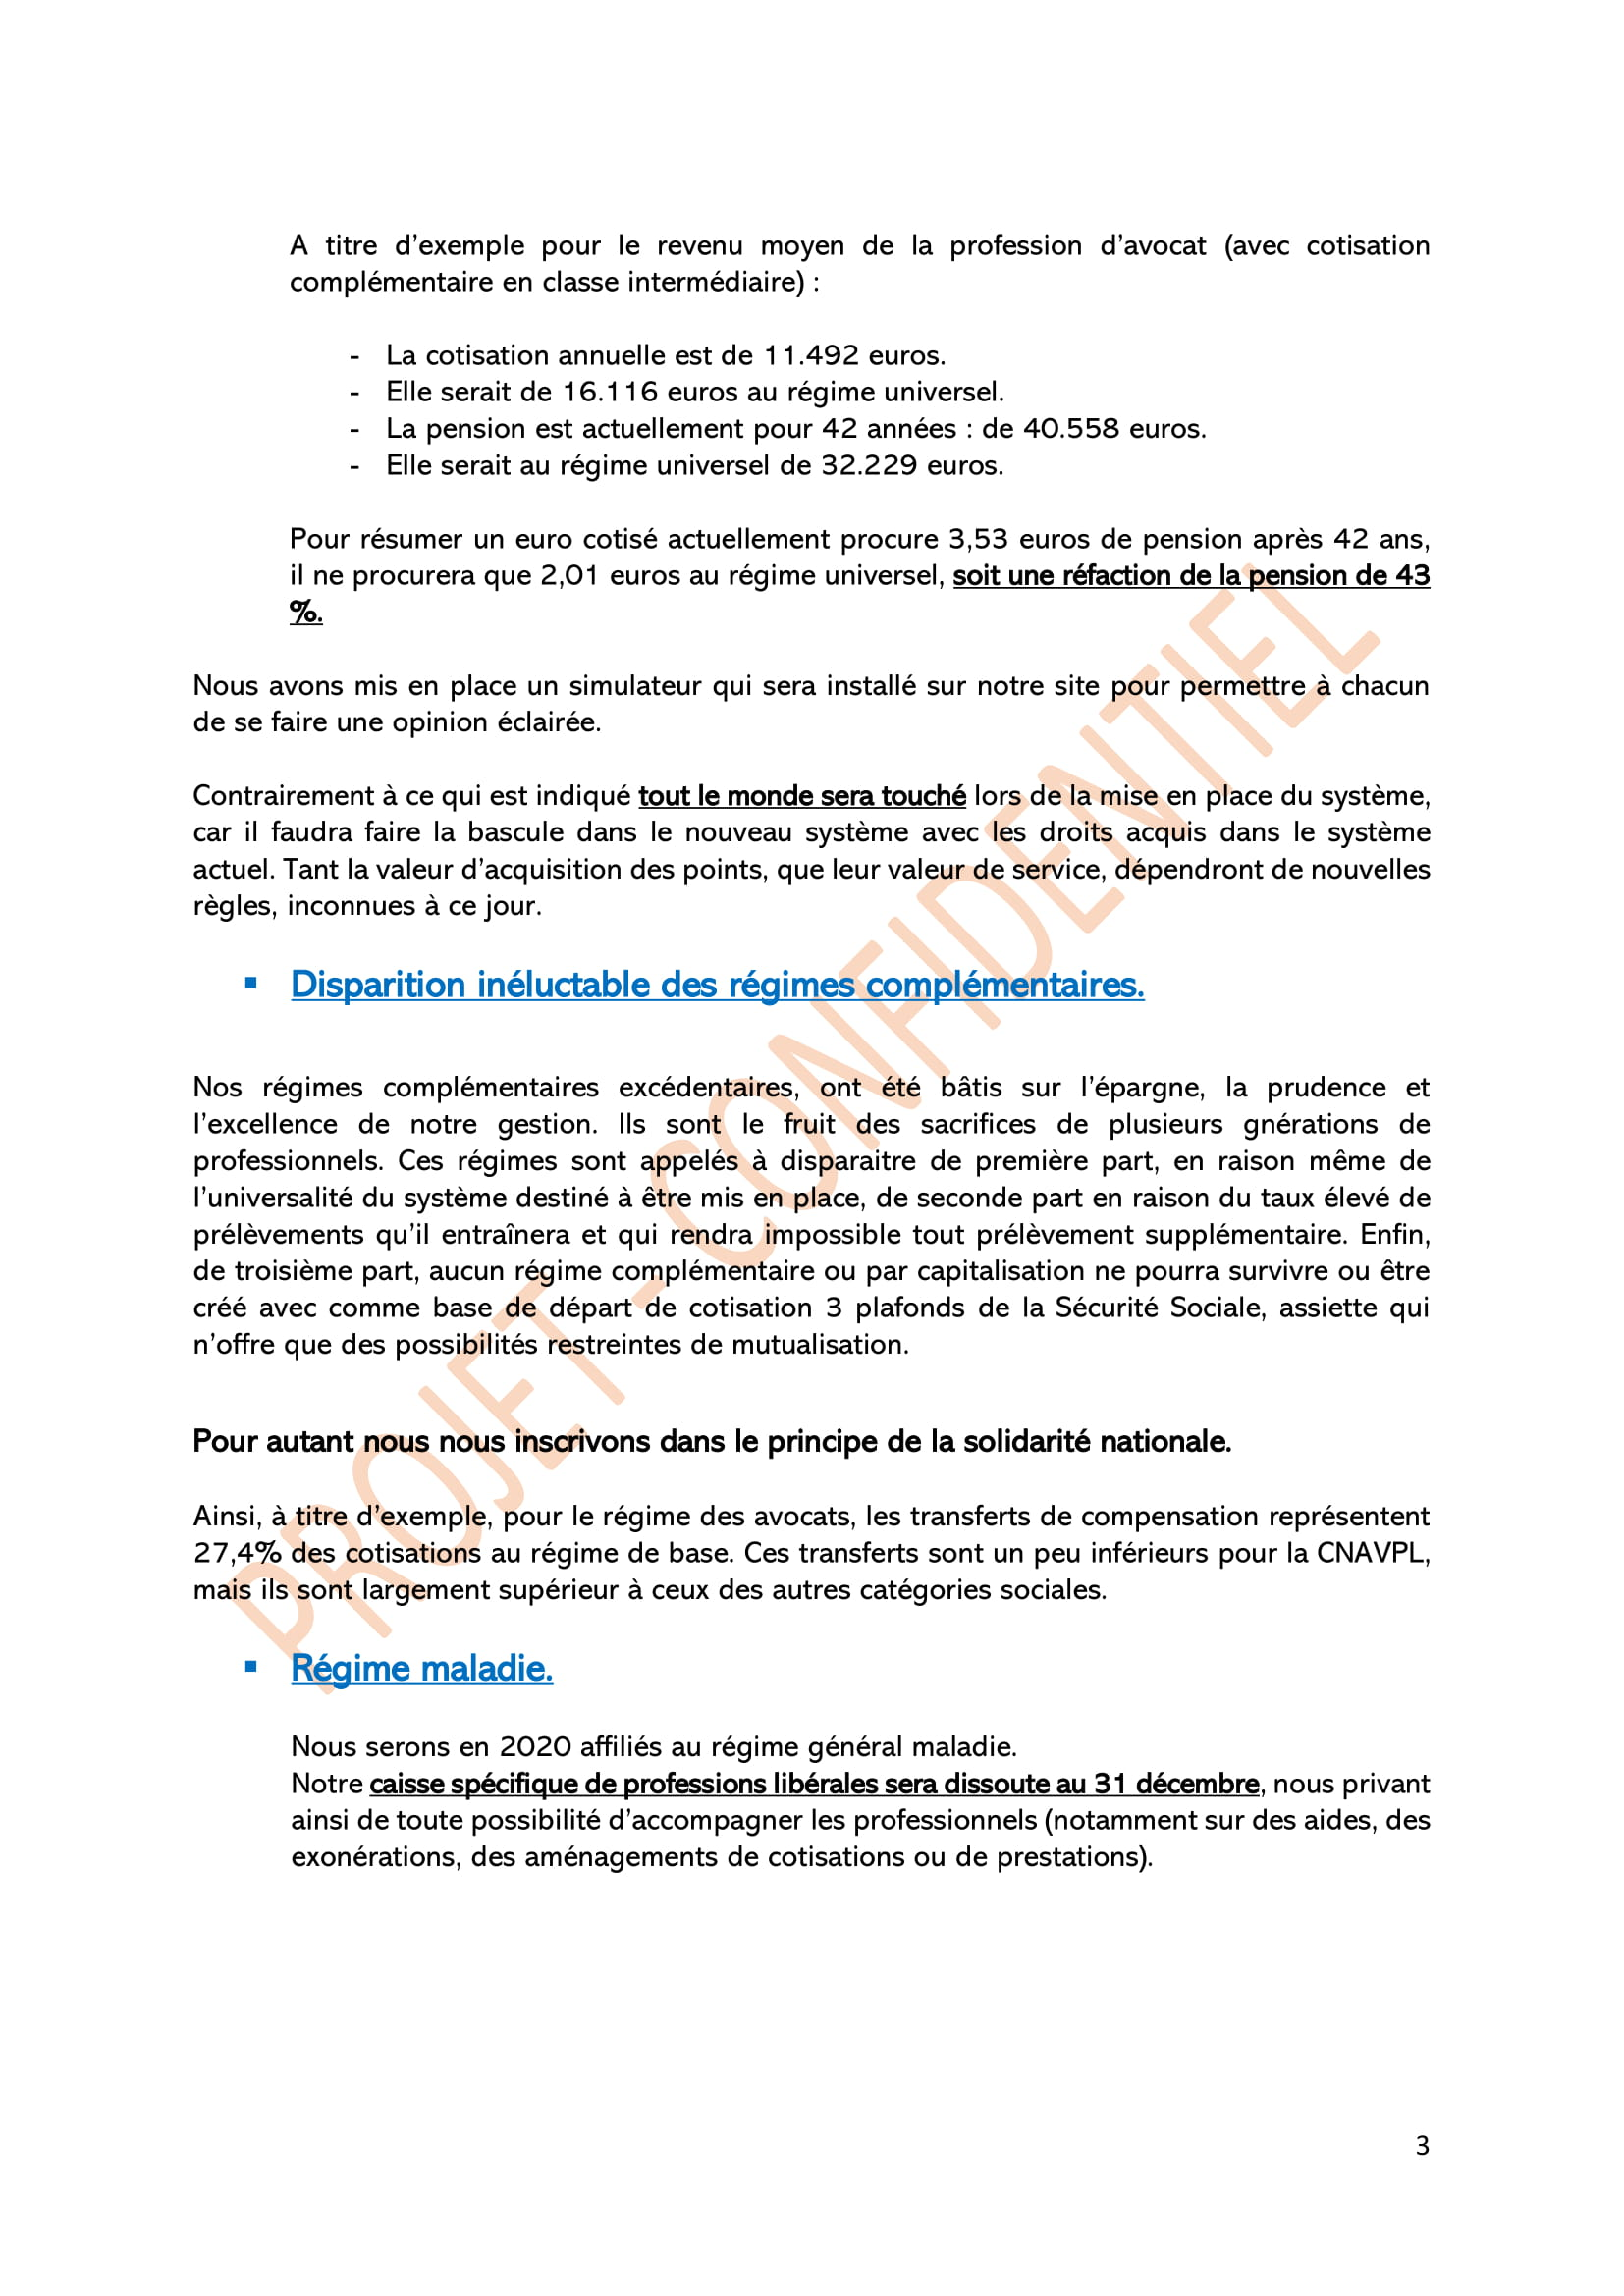 2019-08 -TETES DE CHAPITRE SAUVONS LES PL -3.jpg